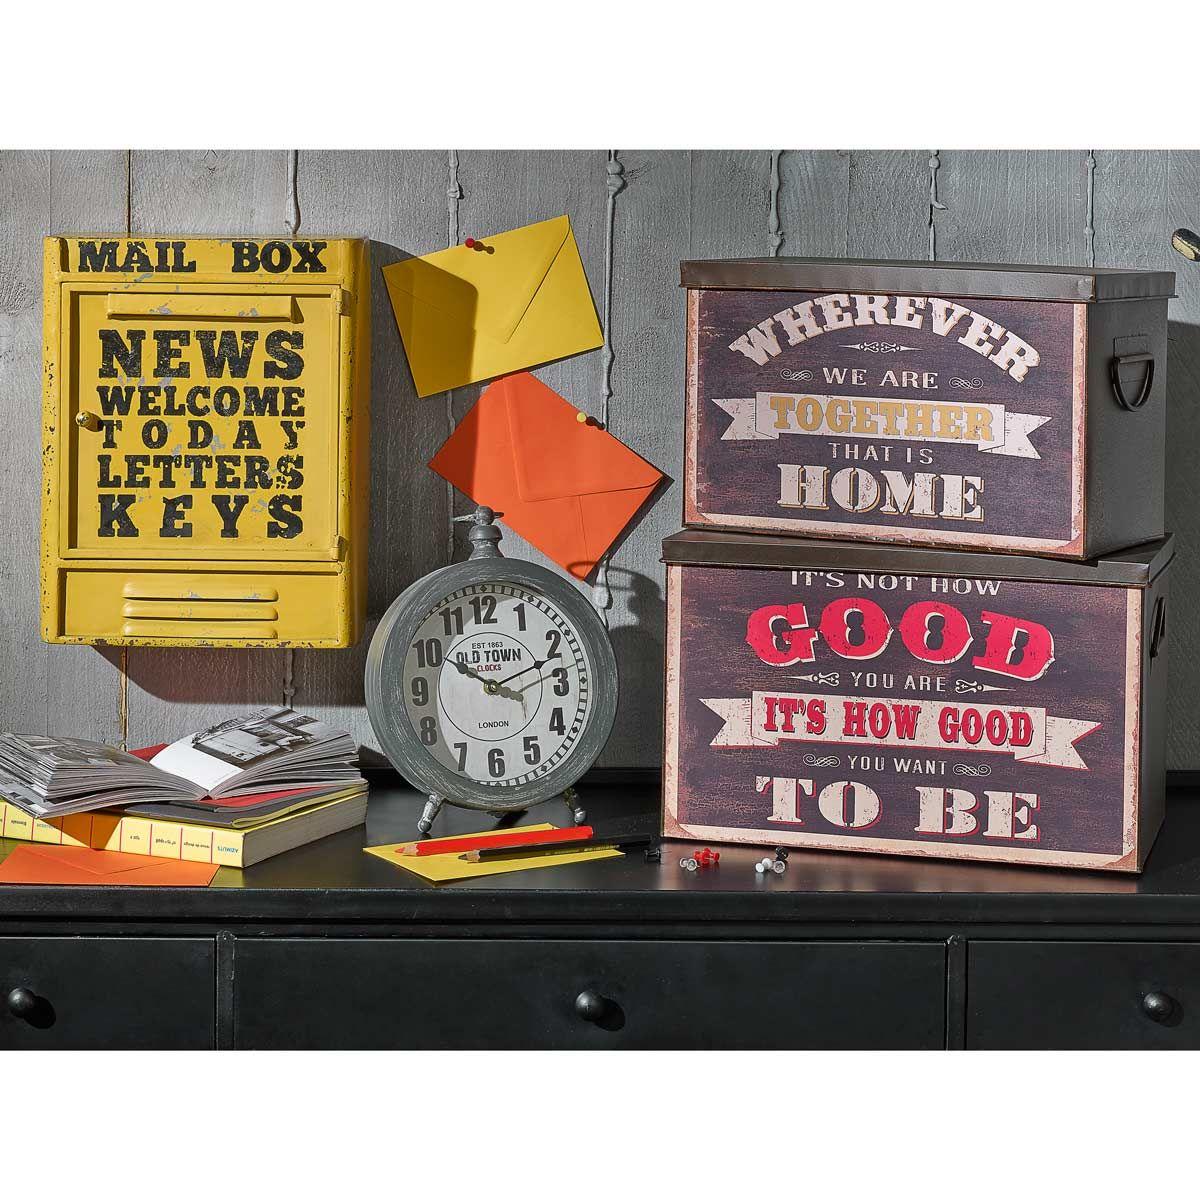 fabulous bote cls en mtal jaune h cm mail box maisons du. Black Bedroom Furniture Sets. Home Design Ideas